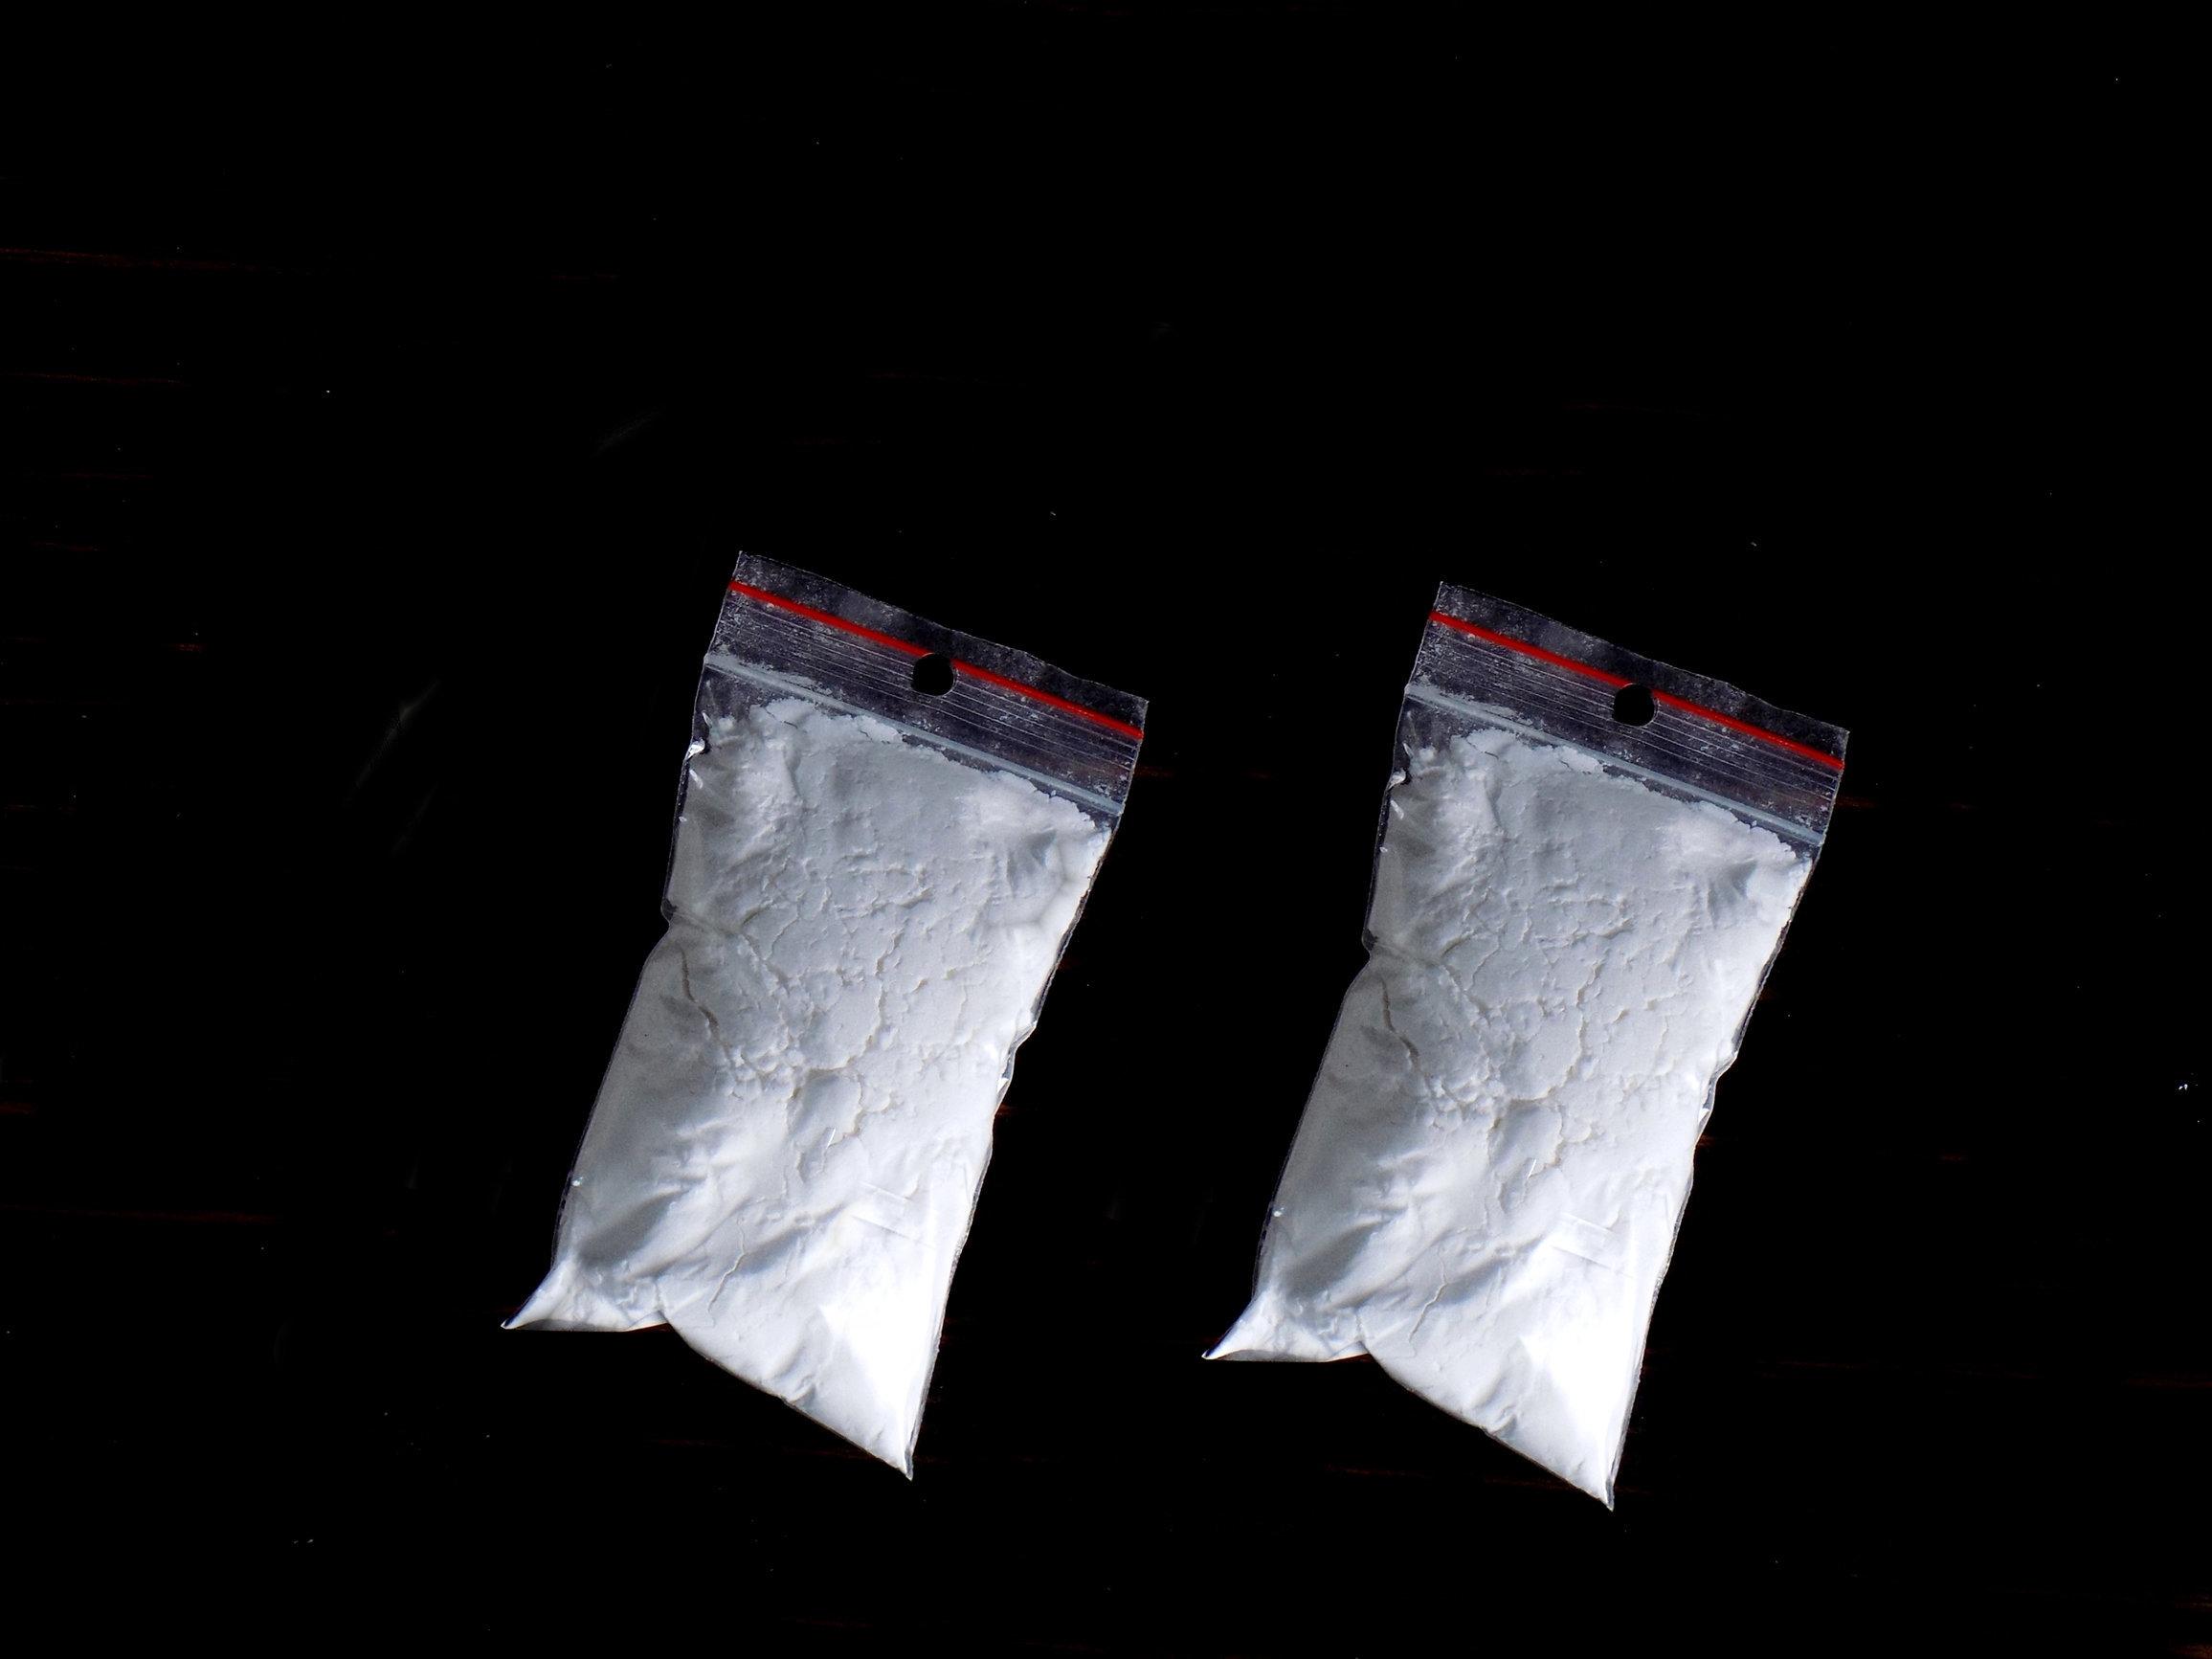 Η ΕΛ.ΑΣ. ψάχνει τον άνδρα που πέταξε 22 κιλά κοκαΐνης και χασίς στη Νέα